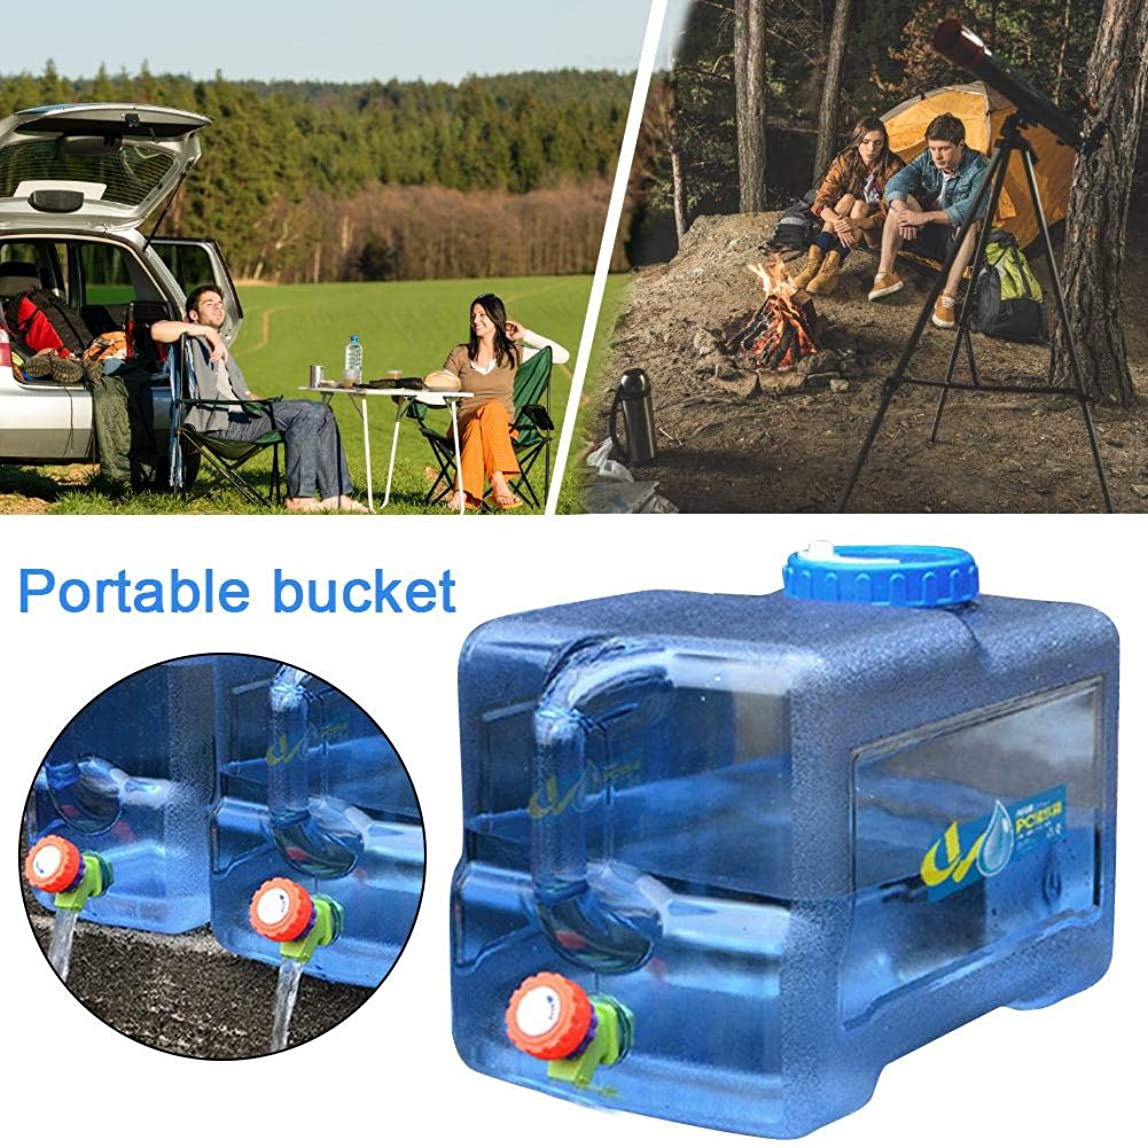 地域のマージンシャワー22L ウォータータンク ポリタンク 給水器 22L 蛇口付き 厚手 水の貯蔵容器 車載 水貯蔵 車 ホーム アウトドア キャンプ 用 ウォーターディスペンサー